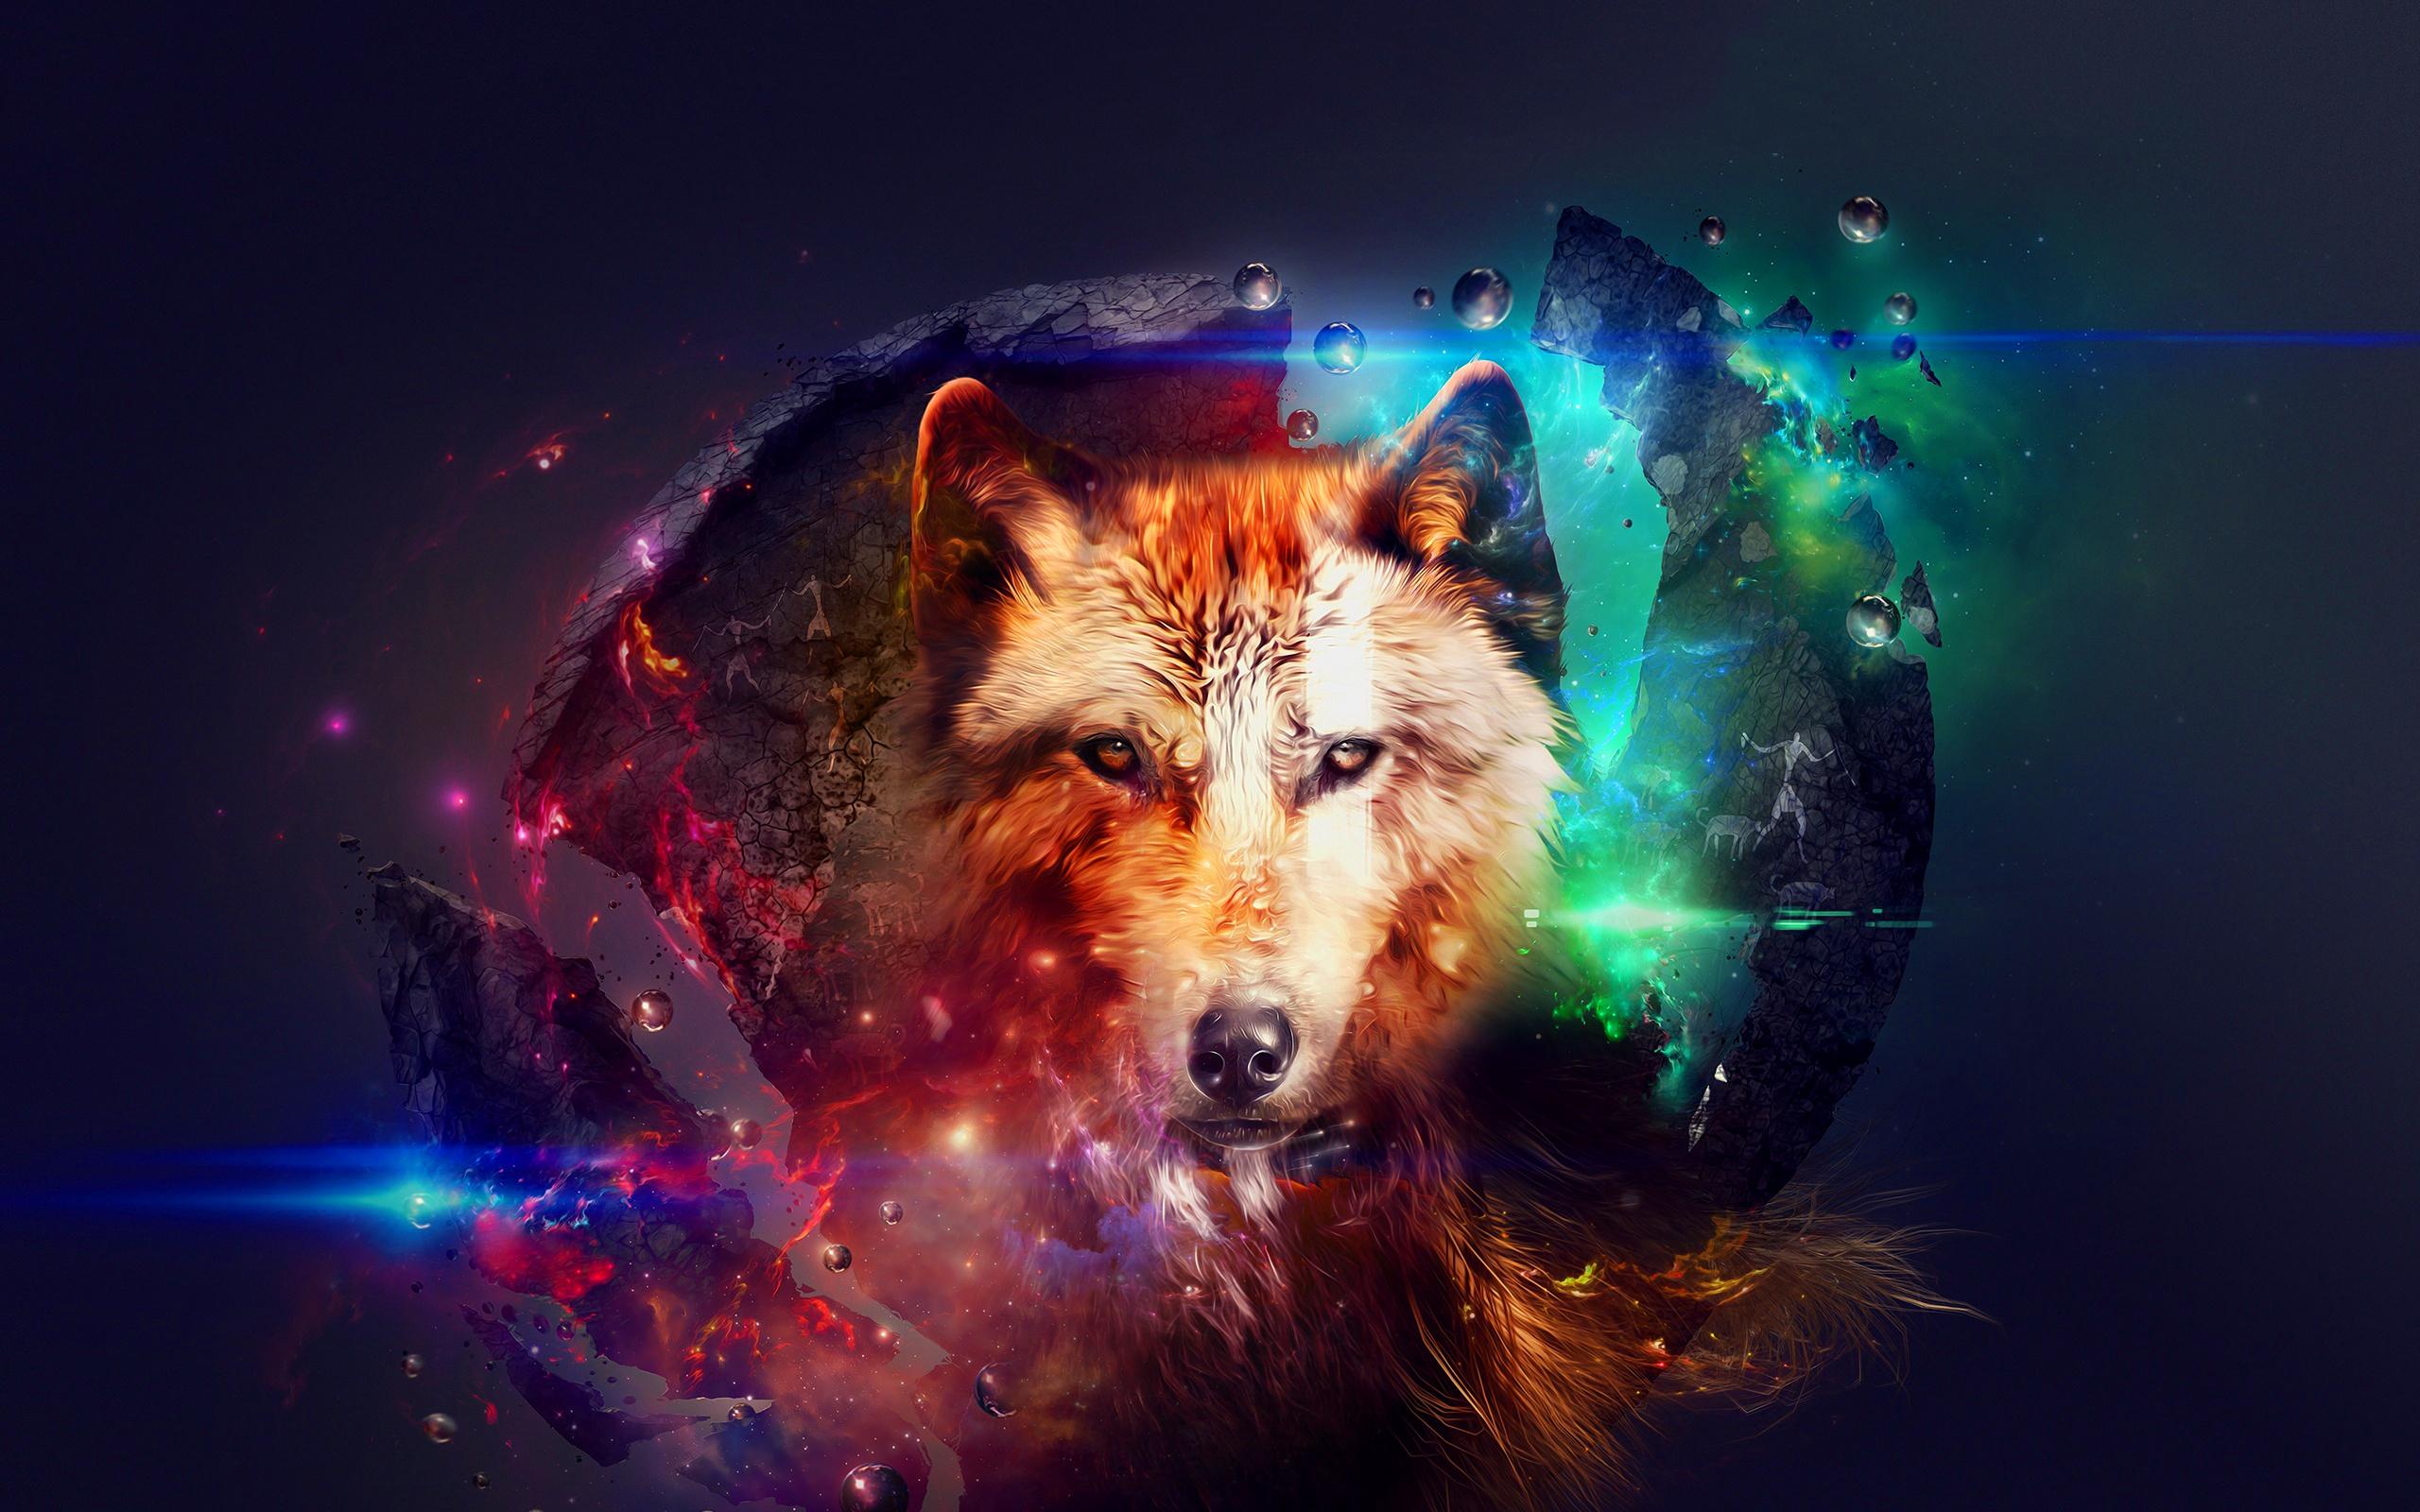 волк, шерсть, взгляд